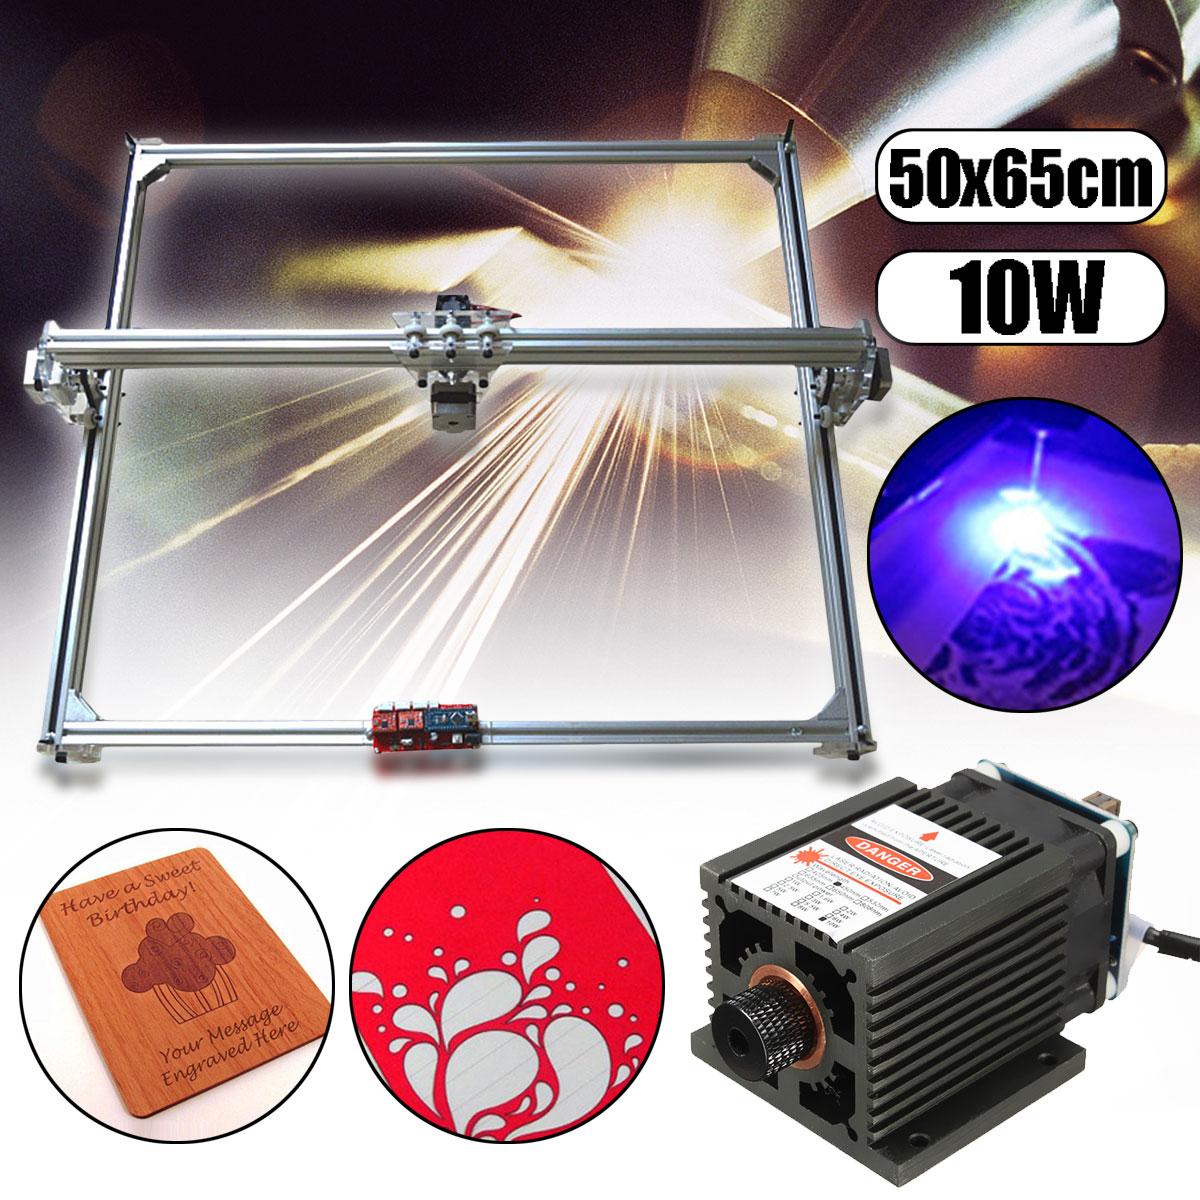 50*65 cm Zone Mini Laser Machine De Gravure De Coupe Imprimante DC 12 v Bois Cutter + 10 w Bleu laser Tête Puissance Ajuster DIY Kit De Bureau